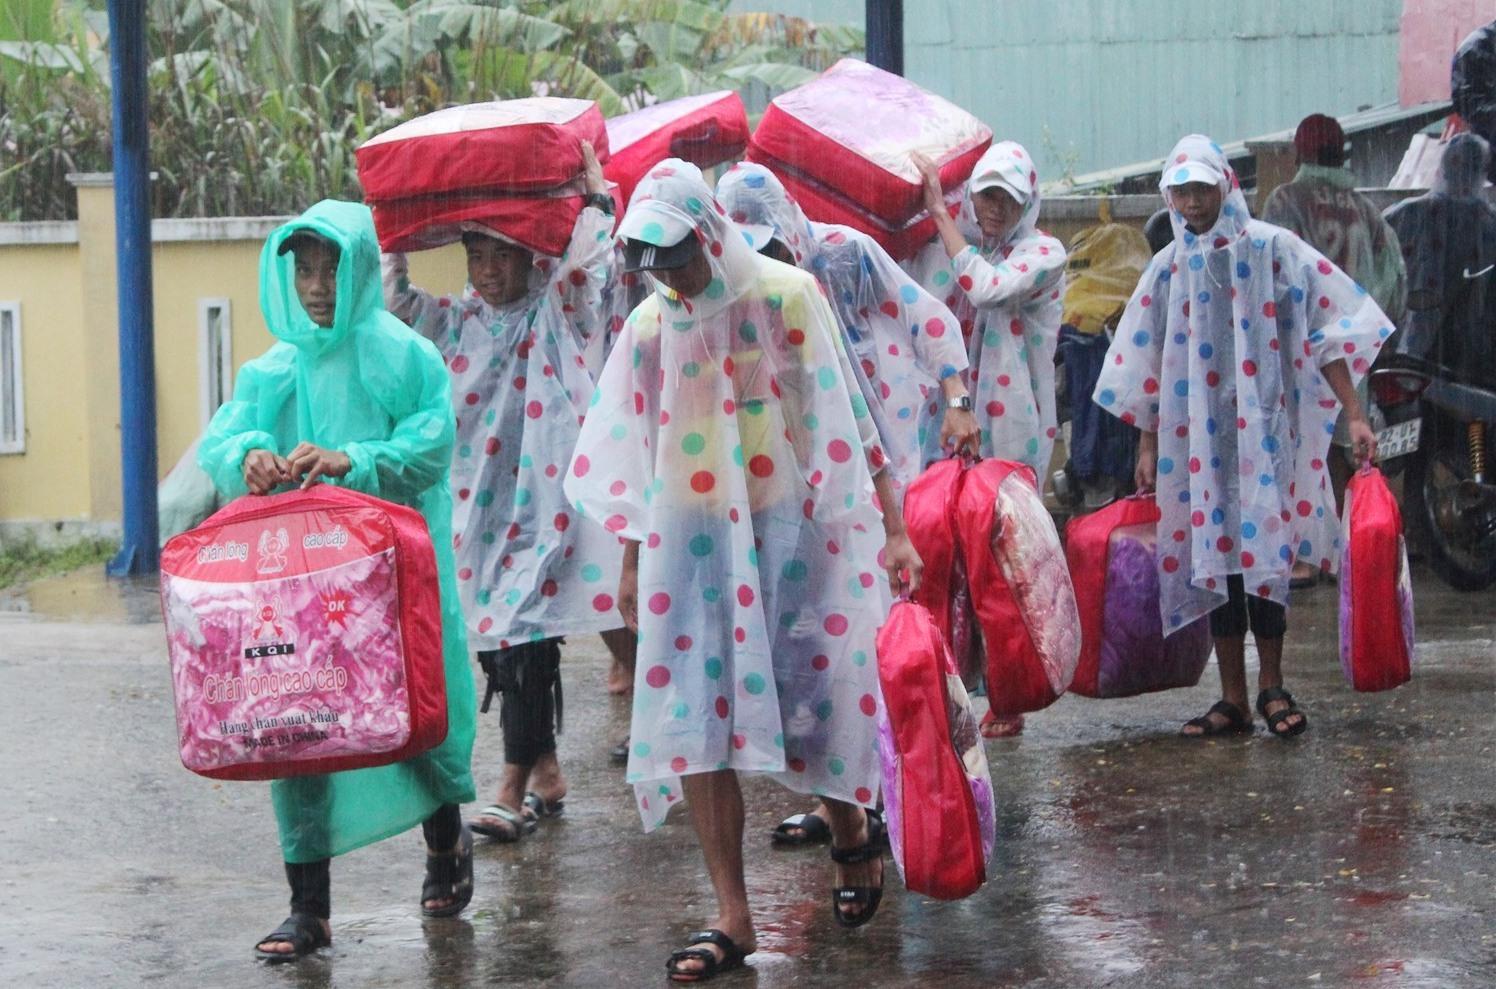 Trường THPT Võ Chí Công (xã A Xan) về Trường THPT Tây Giang (cách 40km) do sạt lở.